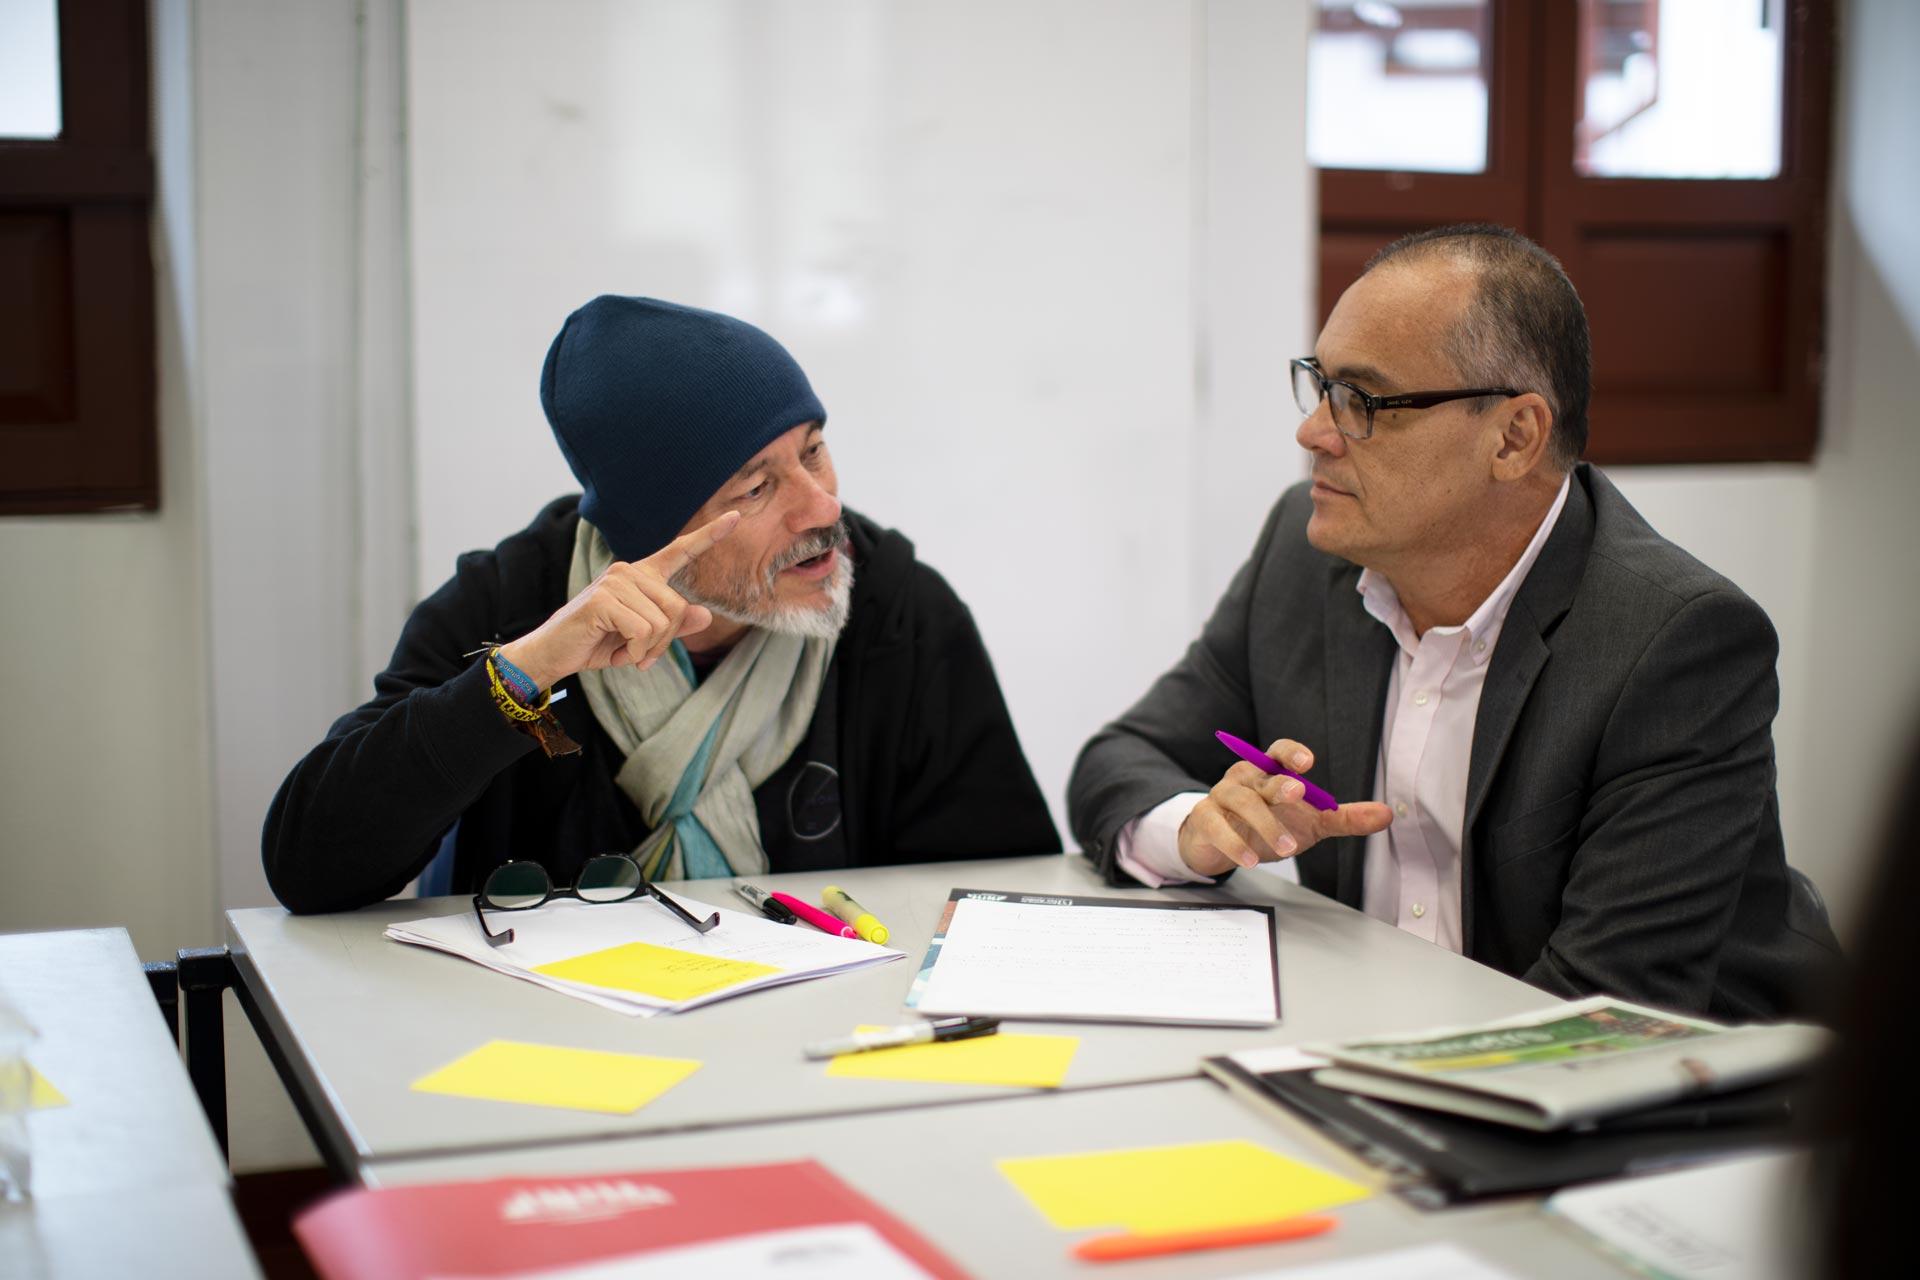 Conclusiones y preguntas del workshop Economías creativas, industrias culturales y ley naranja. Desafíos futuros y complejidades presentes.